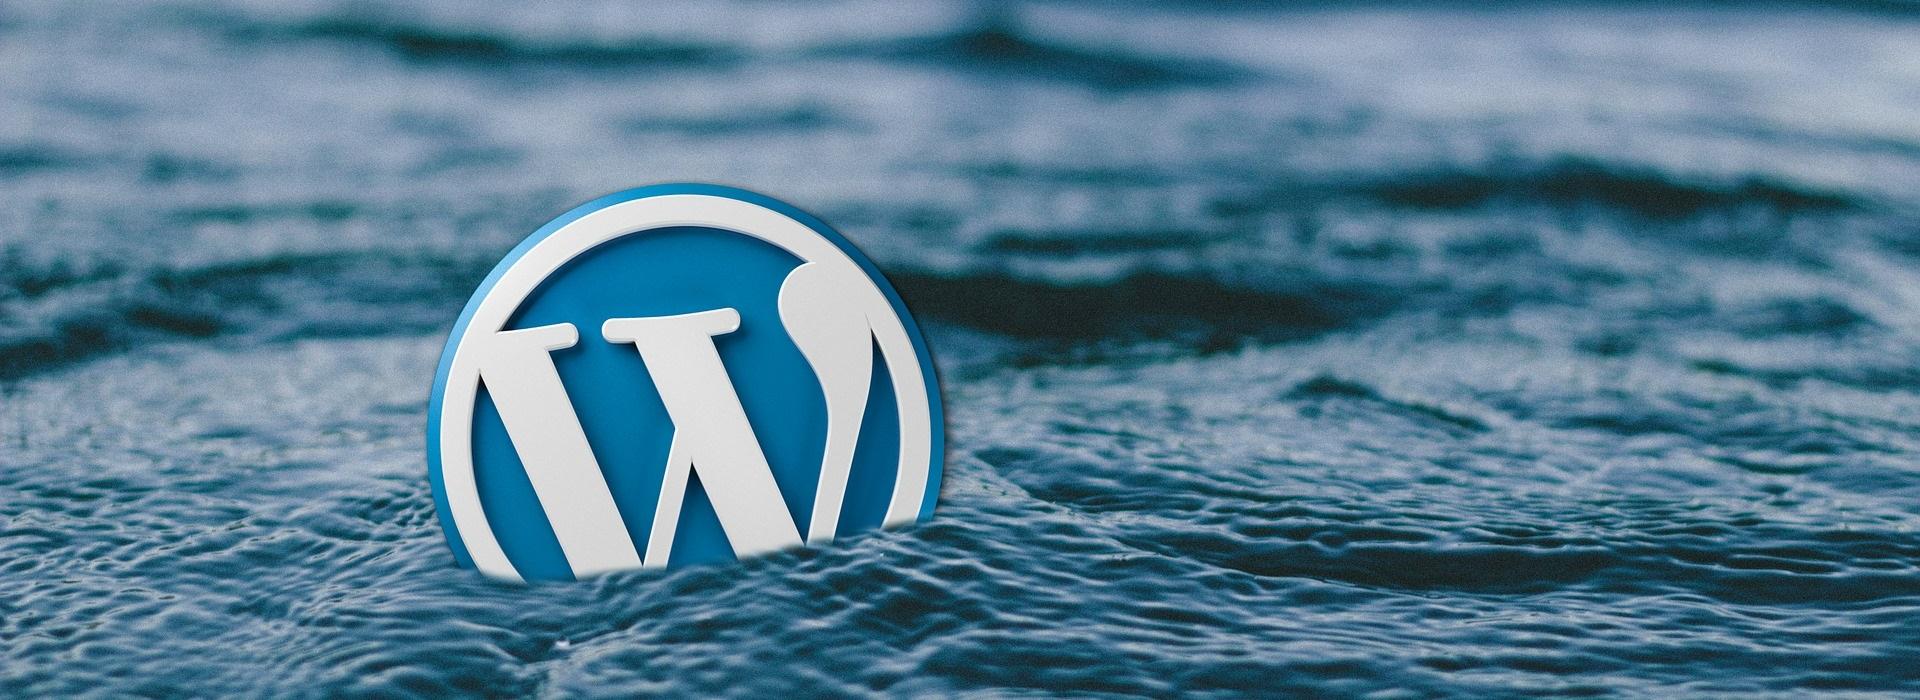 Logo Wordpress dans les vagues de la mer.